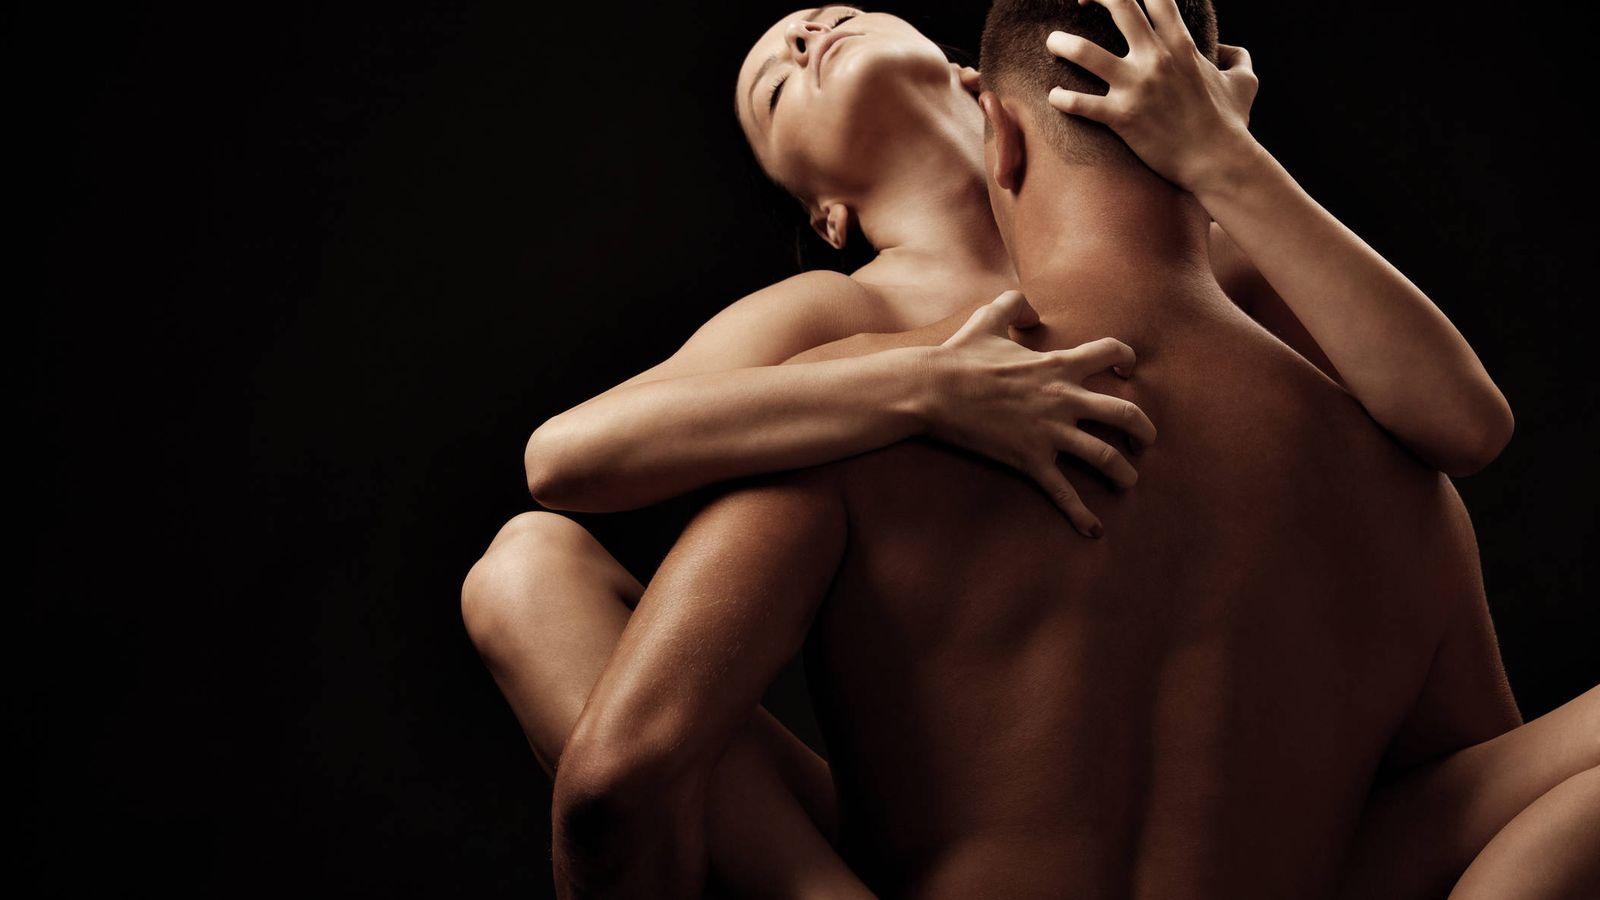 Peliculas Eroticas No Porno Para Ver En Pareja películas: las películas porno con las mejores tramas (y las